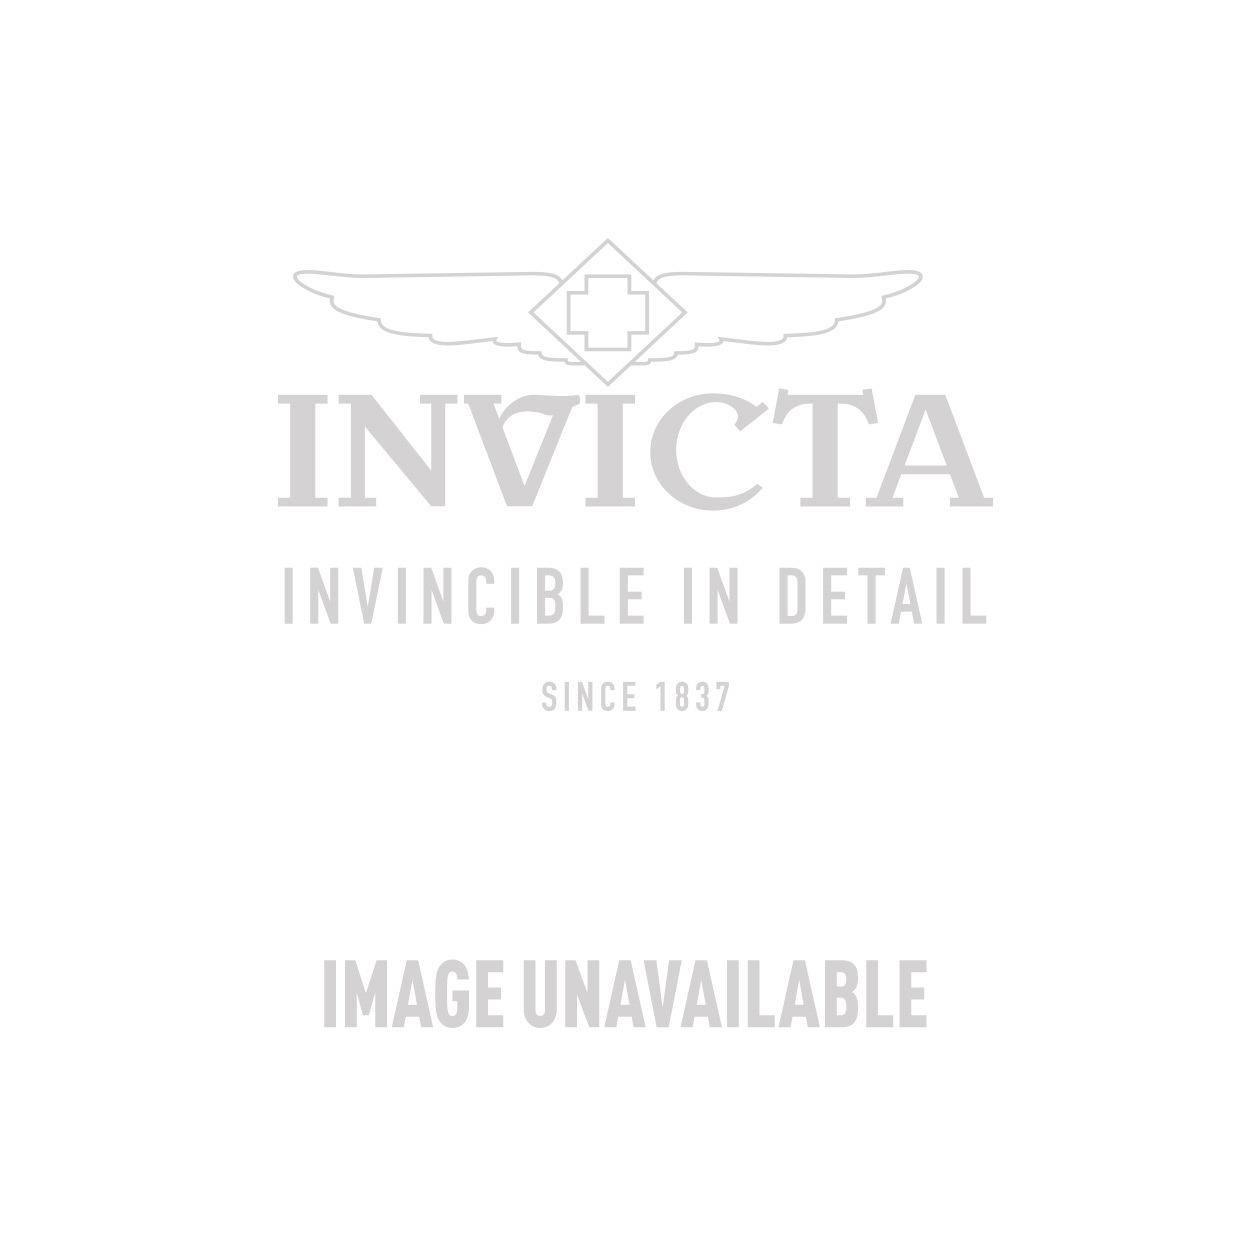 Invicta Model 28943